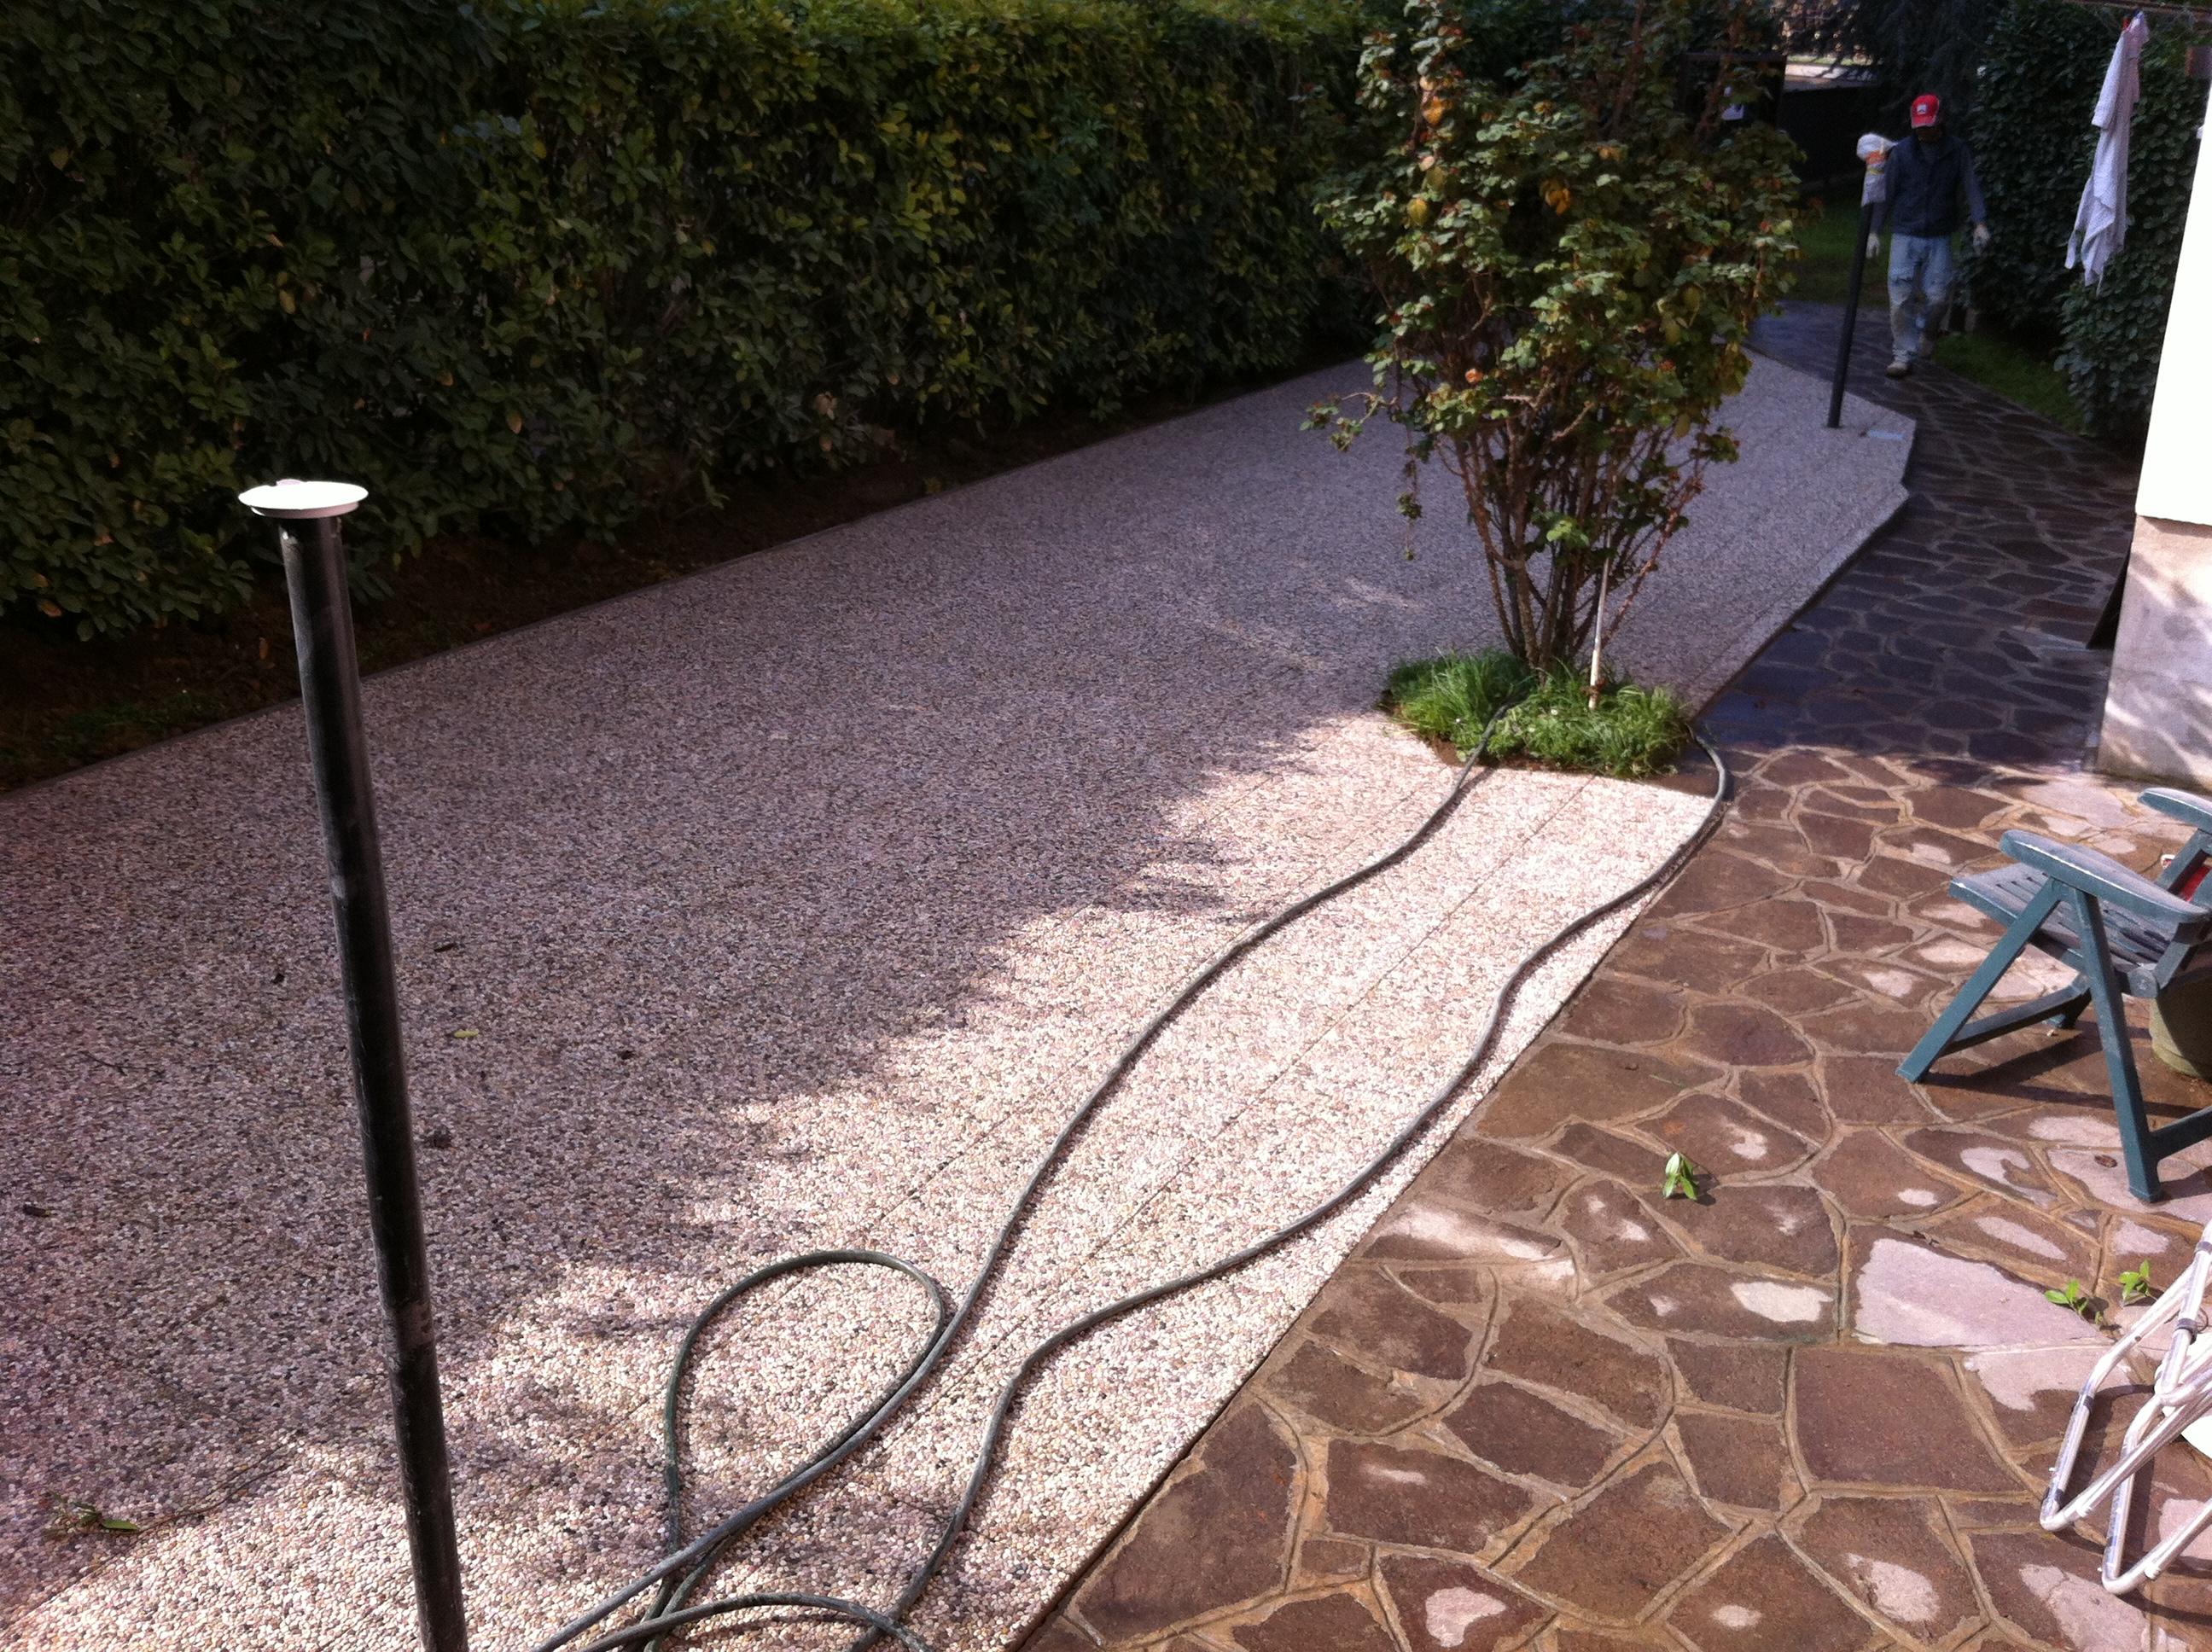 Progetto per pavimentazione giardino progetti muratori - Pavimentazione giardino ...